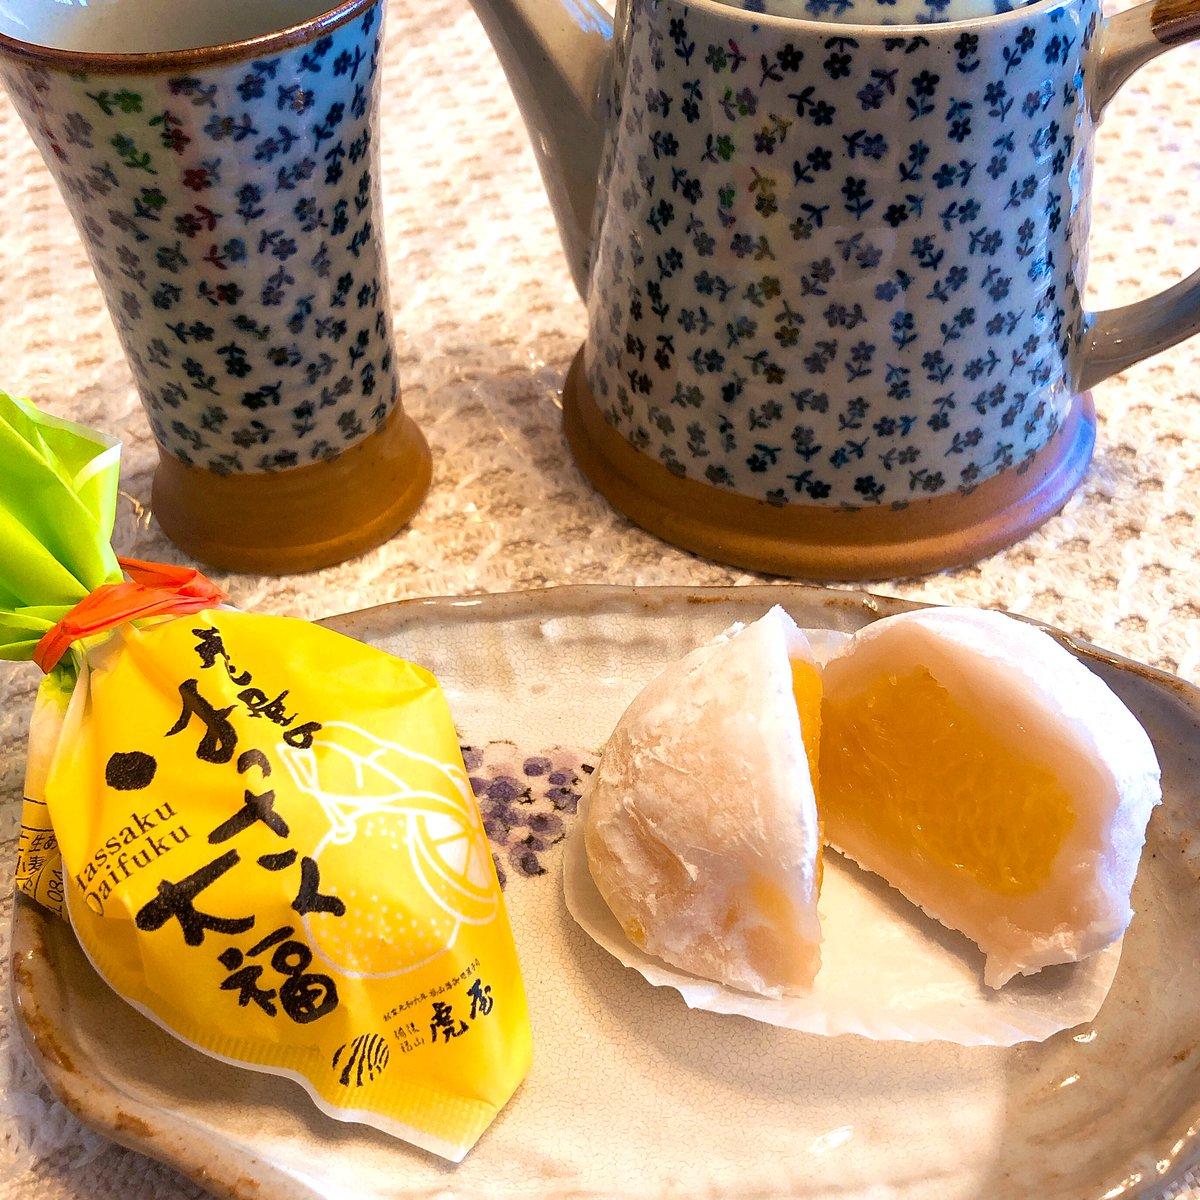 test ツイッターメディア - 今日は和菓子の日ということで… 今ハマっているのが広島は虎屋のはっさく大福❣️ 甘い餡に包まれたはっさくの甘味と苦味が絶妙です😆 柔らかくて口の中で溶けてしまう柔らかさ…これは絶対食べる価値ありです〜👍 #和菓子の日 https://t.co/AhU6svDoDR